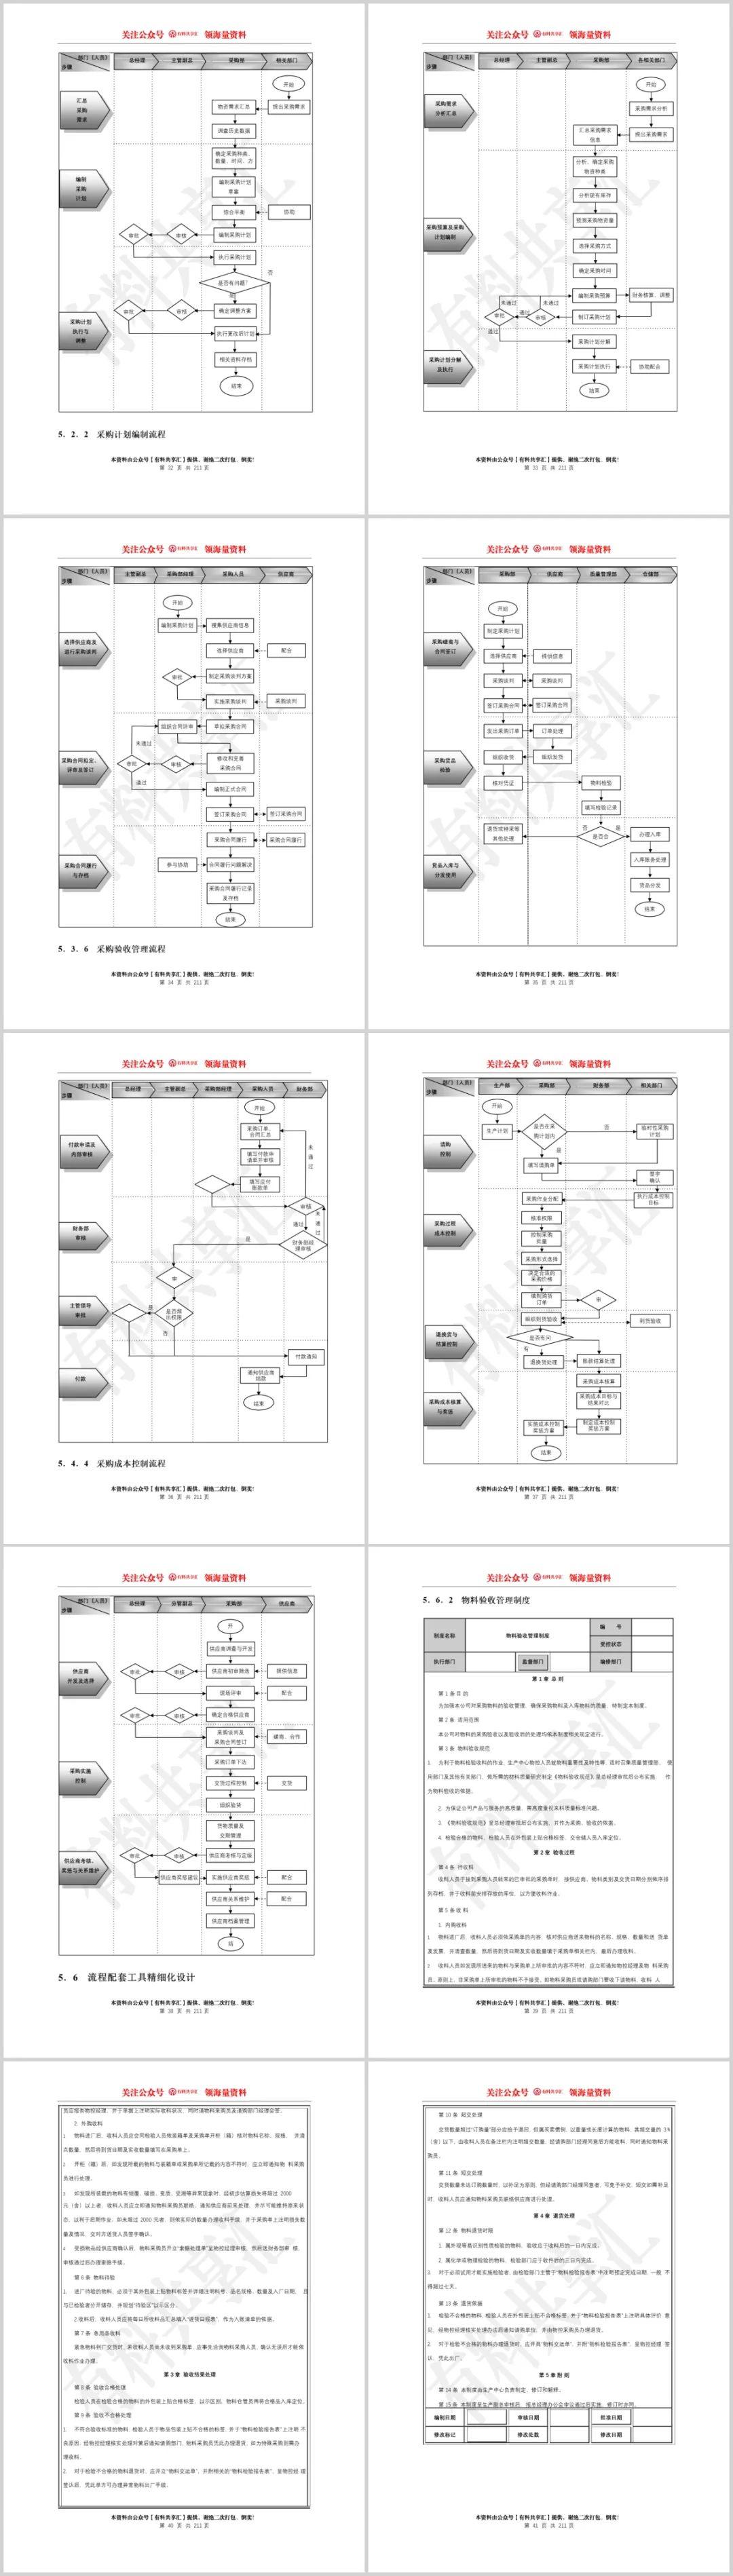 中小企业管理流程精细化设计全案